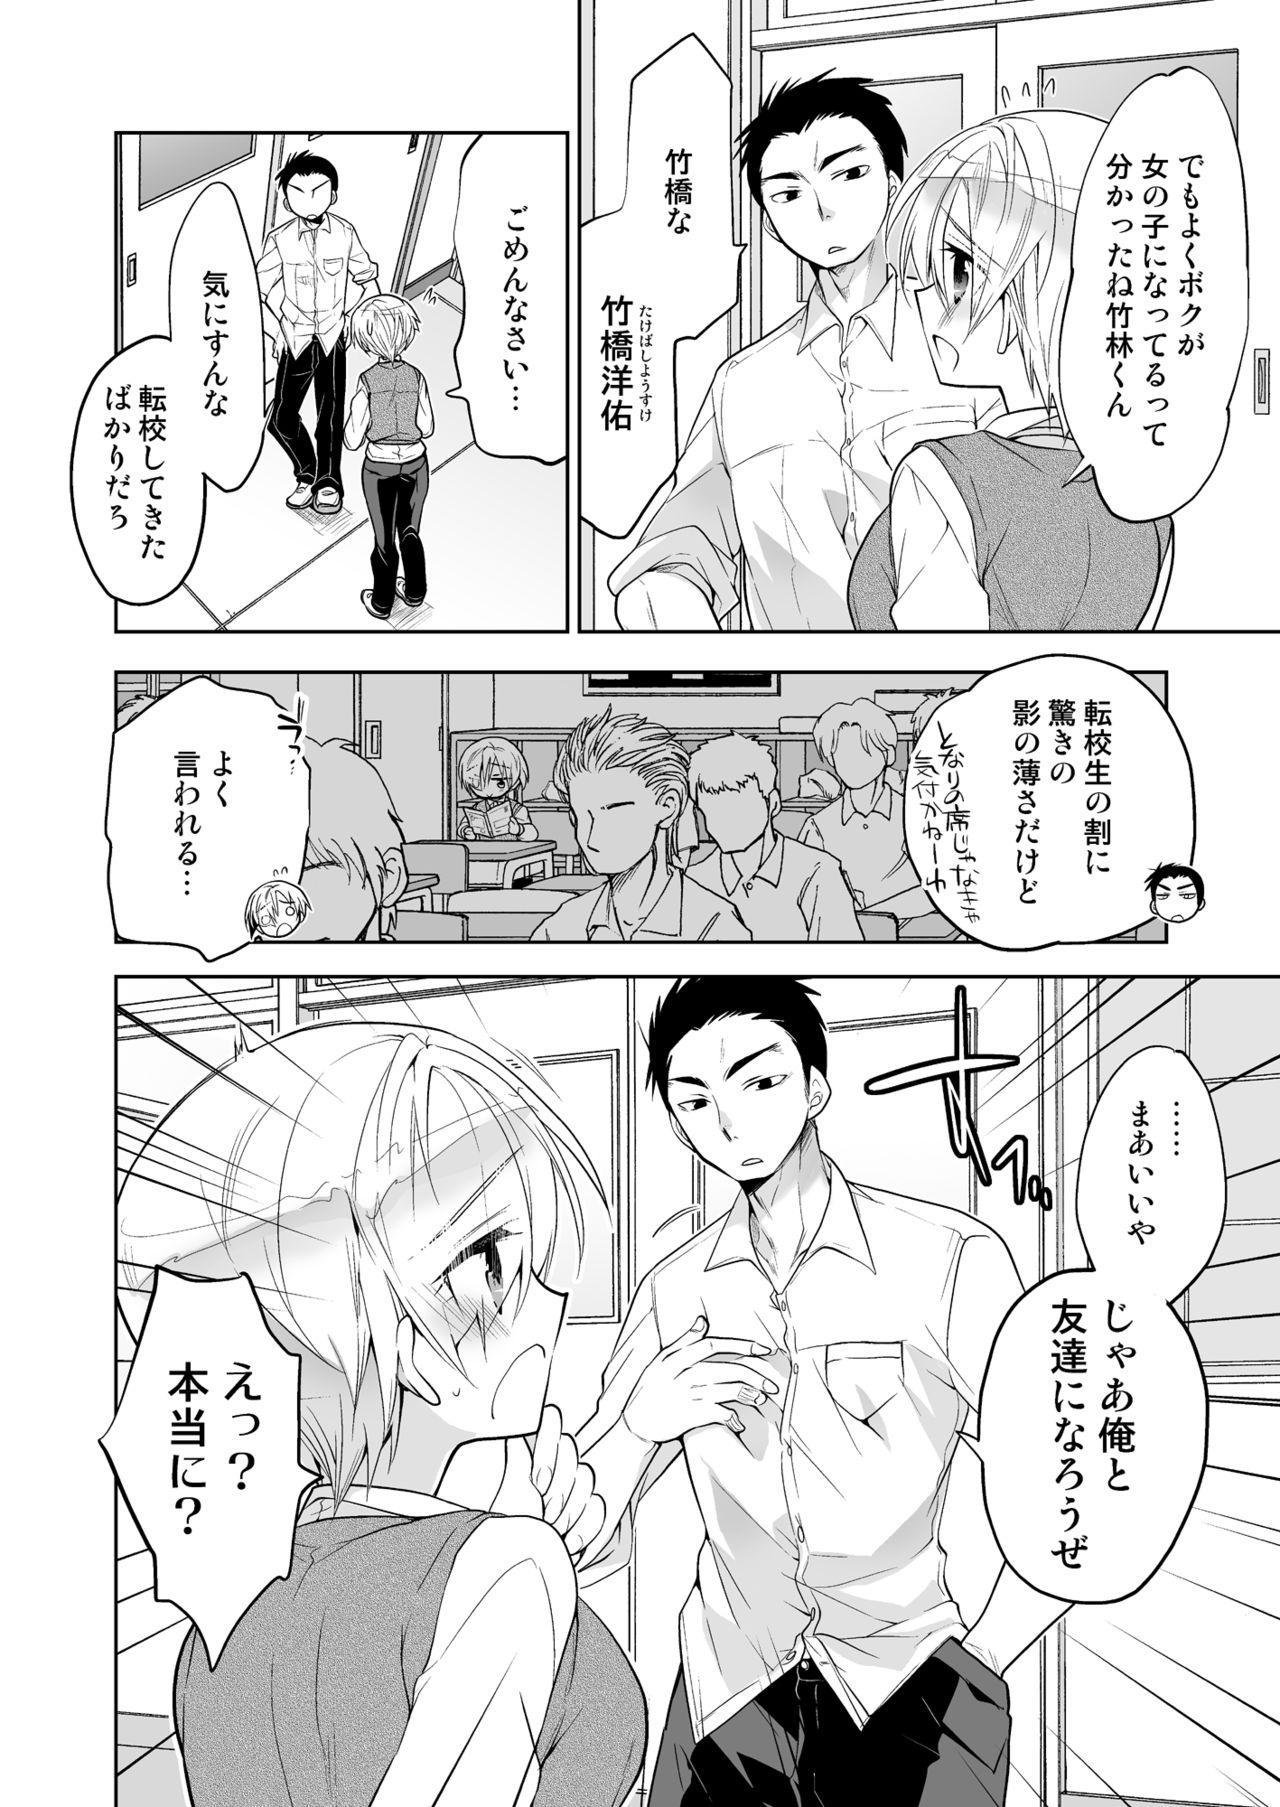 Boku no Hajimete no Tomodachi 5